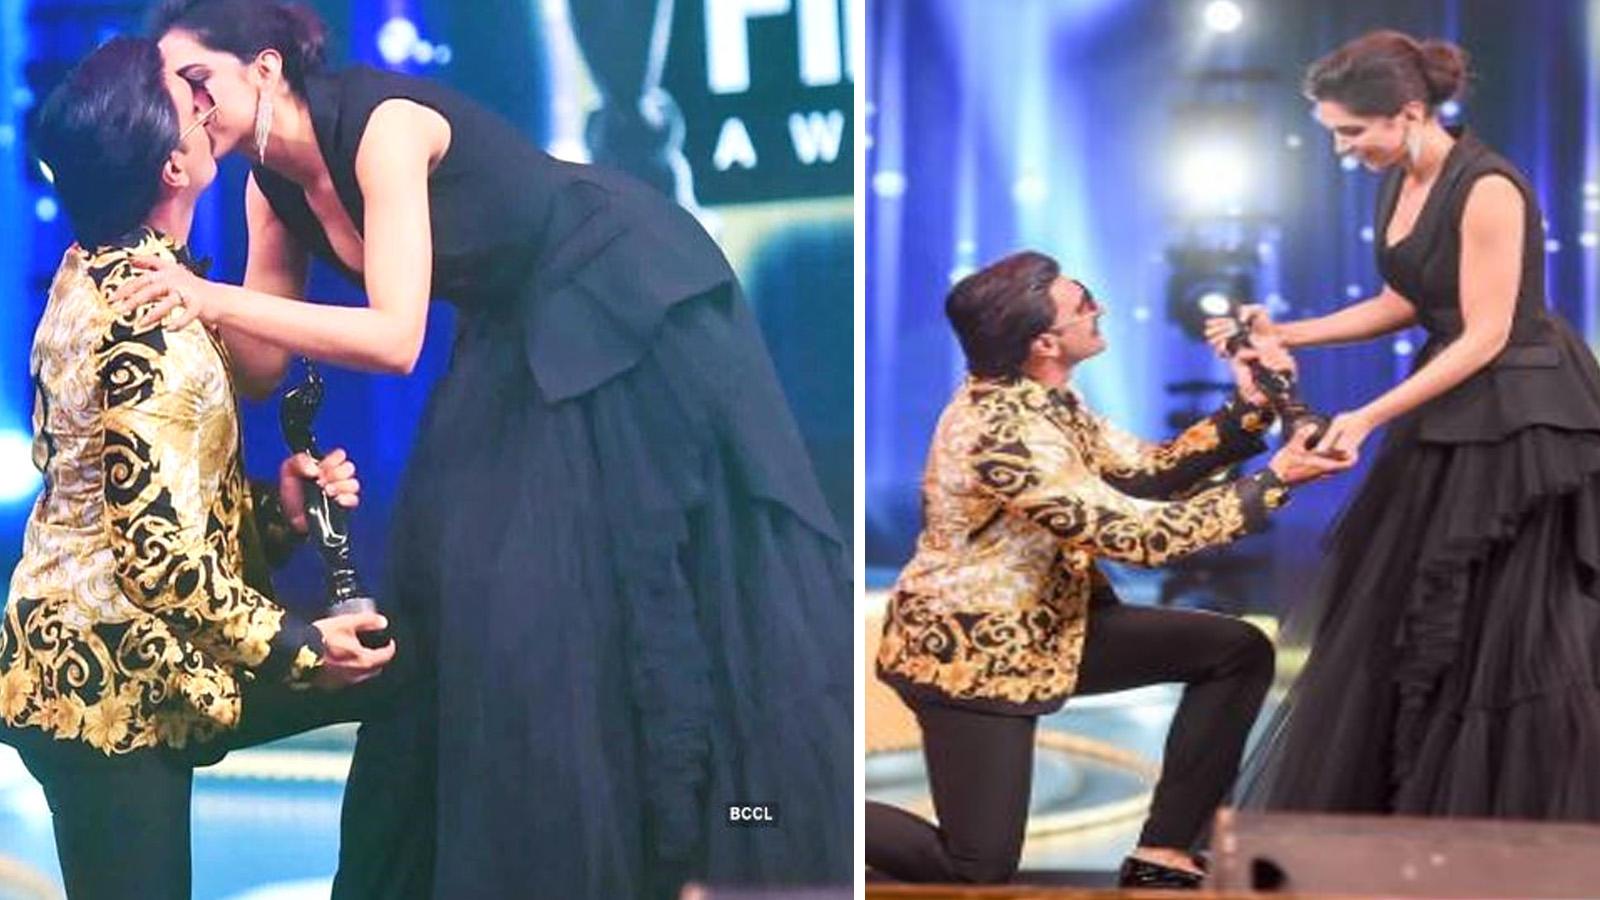 64th Vimal Elaichi Filmfare Awards 2019: Deepika Padukone kisses husband Ranveer Singh as he goes down on one knee